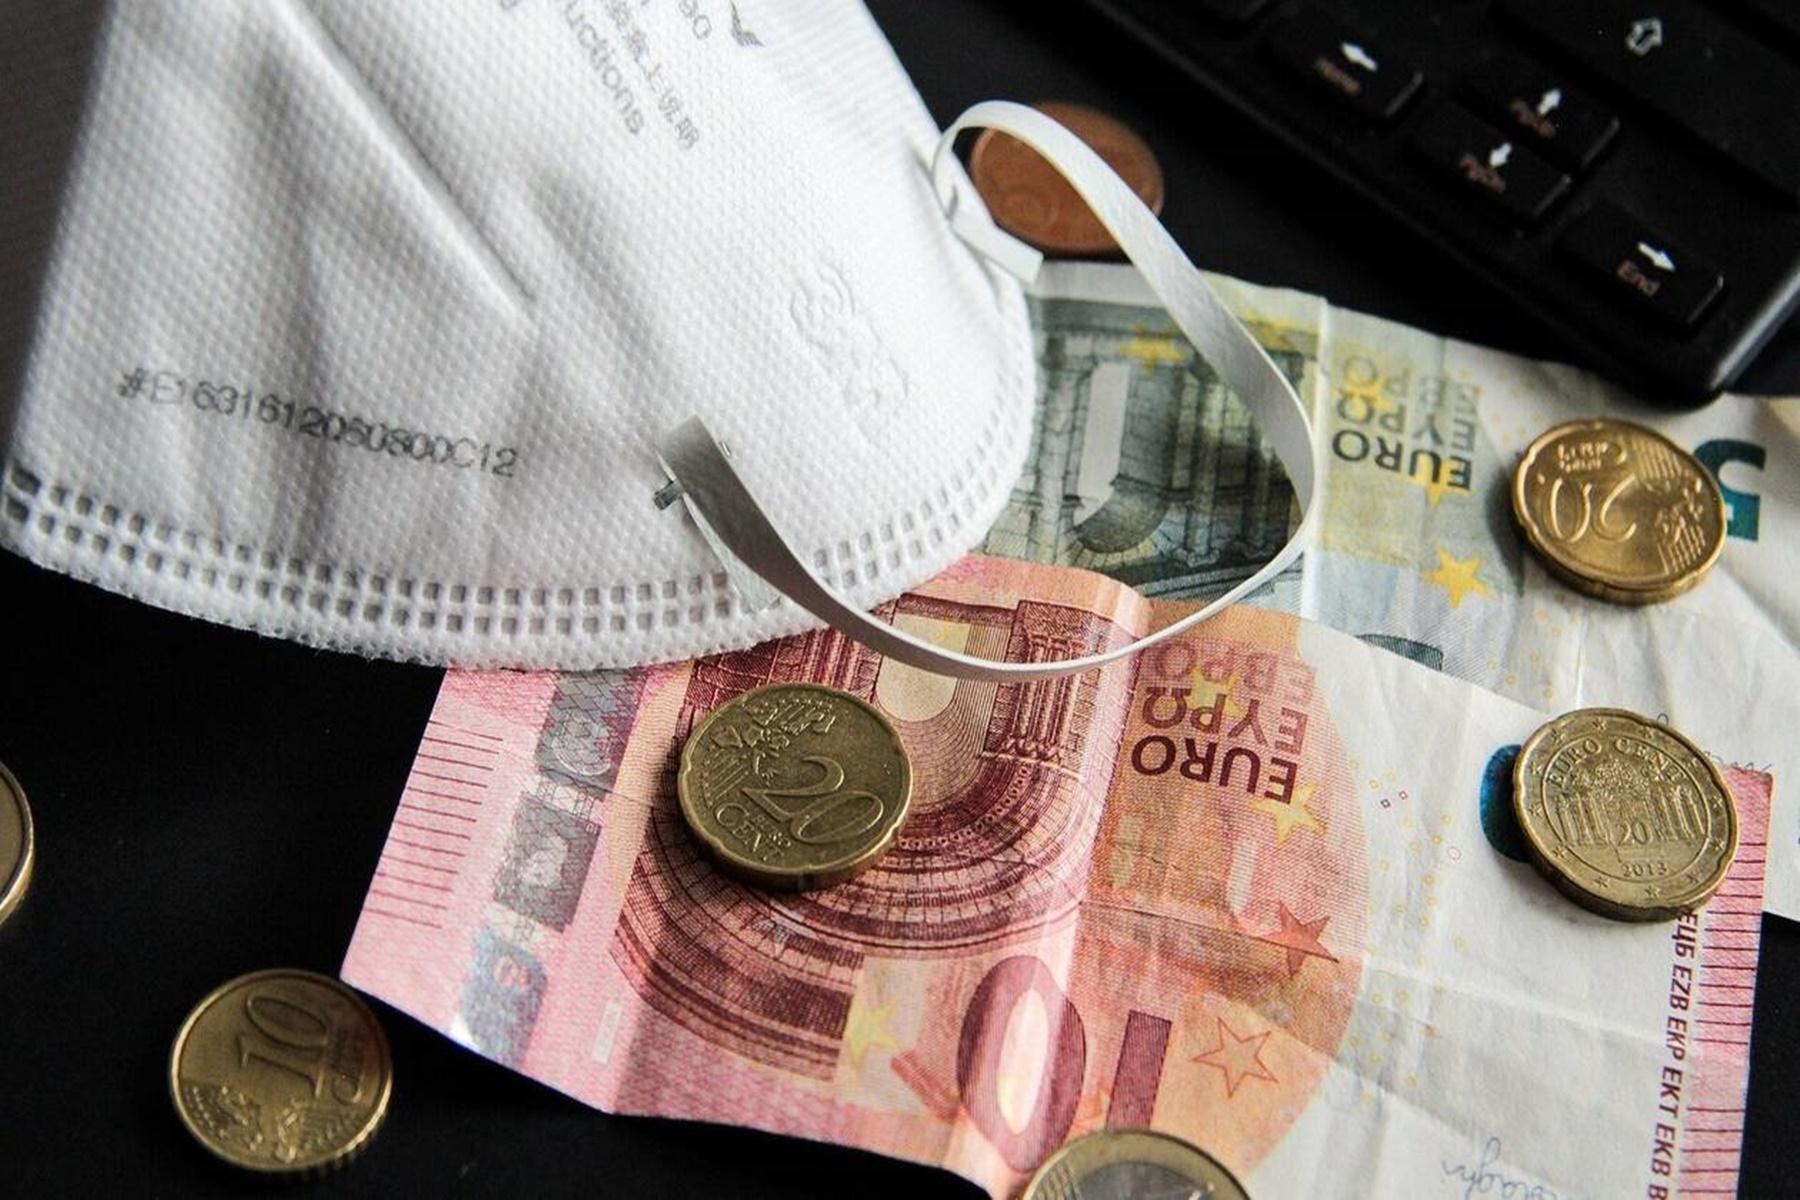 Επίδομα 534 Ευρώ: Σε αυτούς καταβάλλετε σήμερα